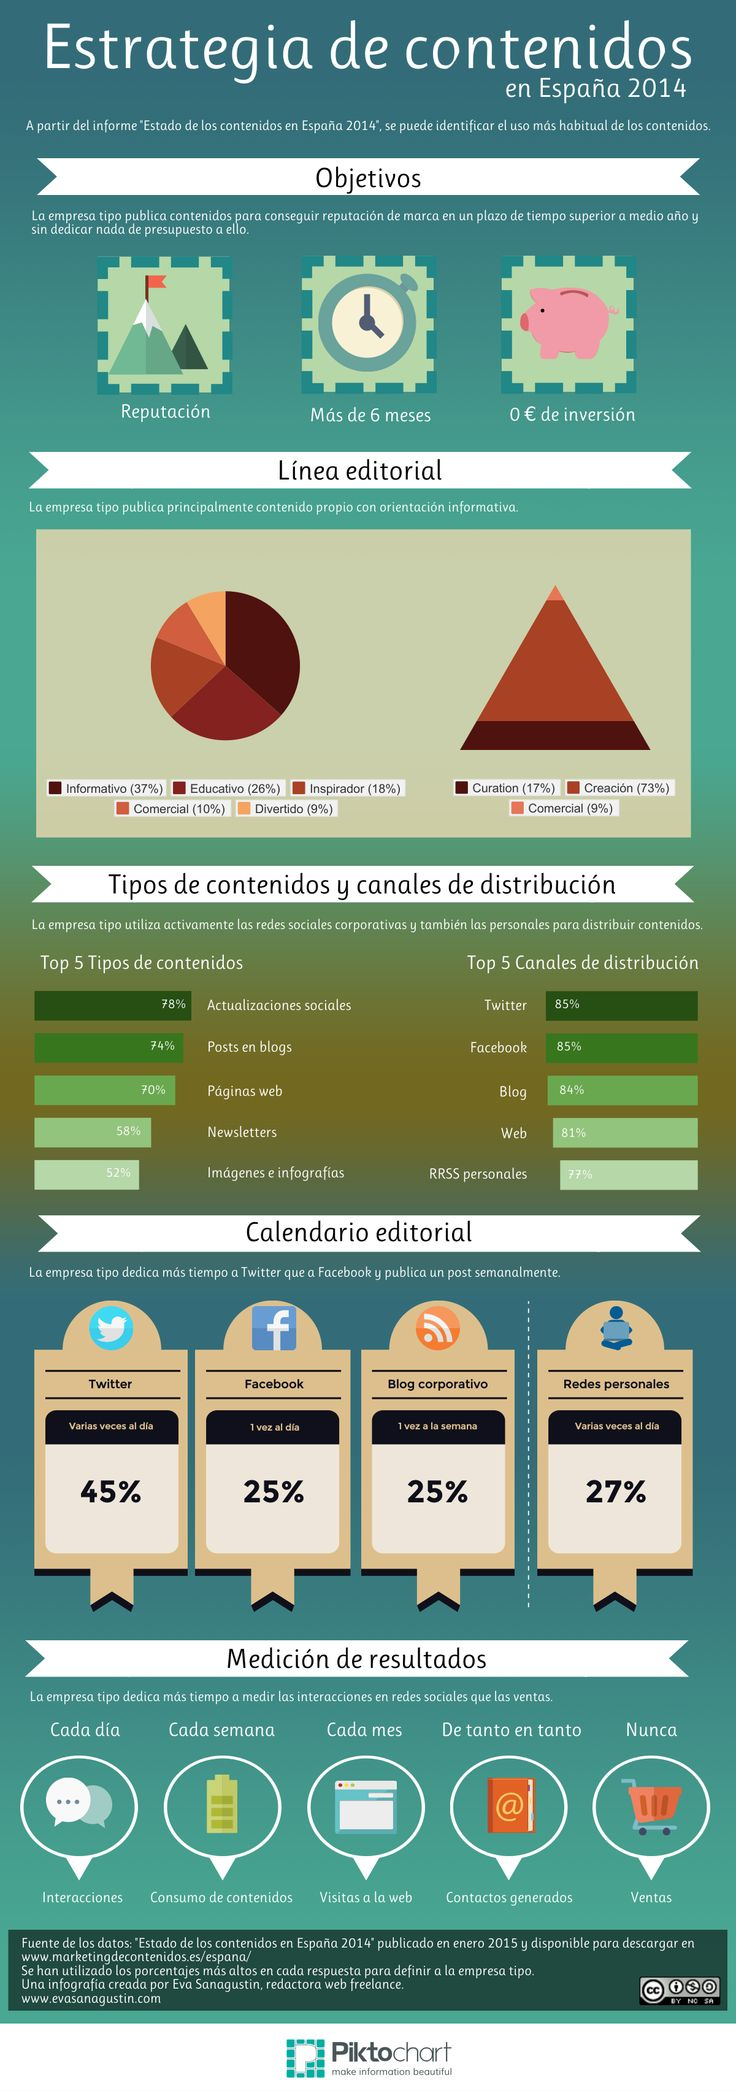 """Estrategia tipo según el informe """"Estado de los contenidos en España 2014"""", enero 2015."""